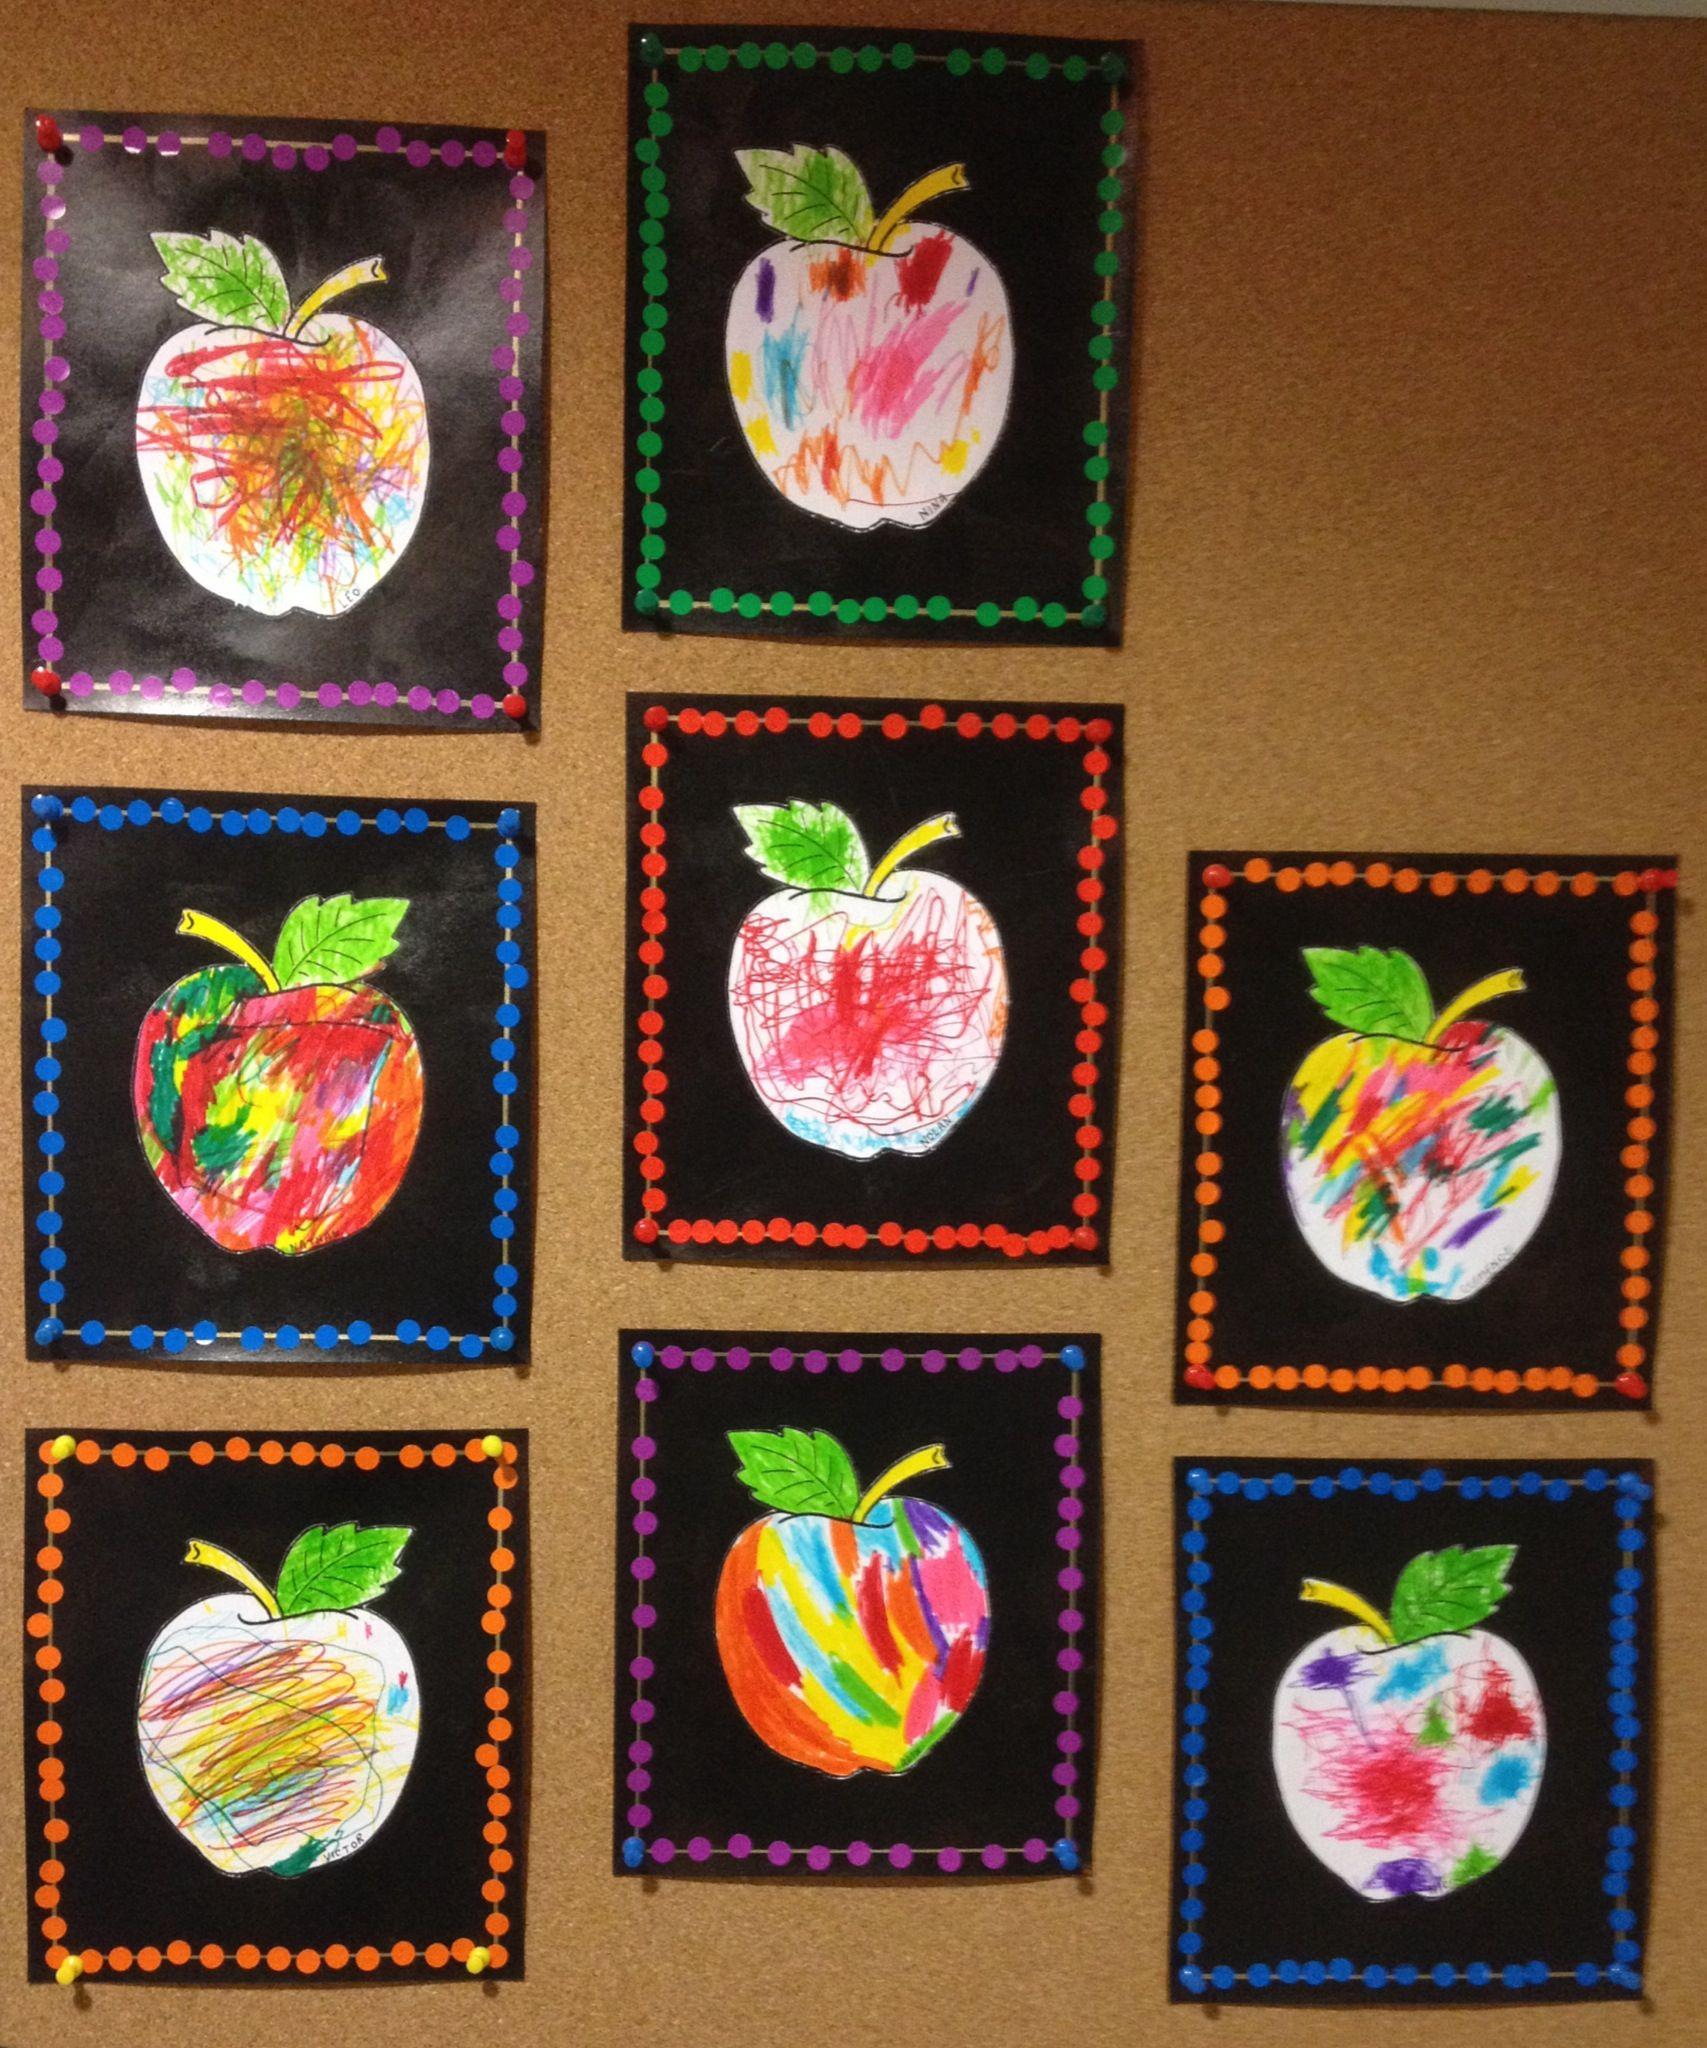 Arts visuels la maternelle pommes pinterest - Fruits automne maternelle ...